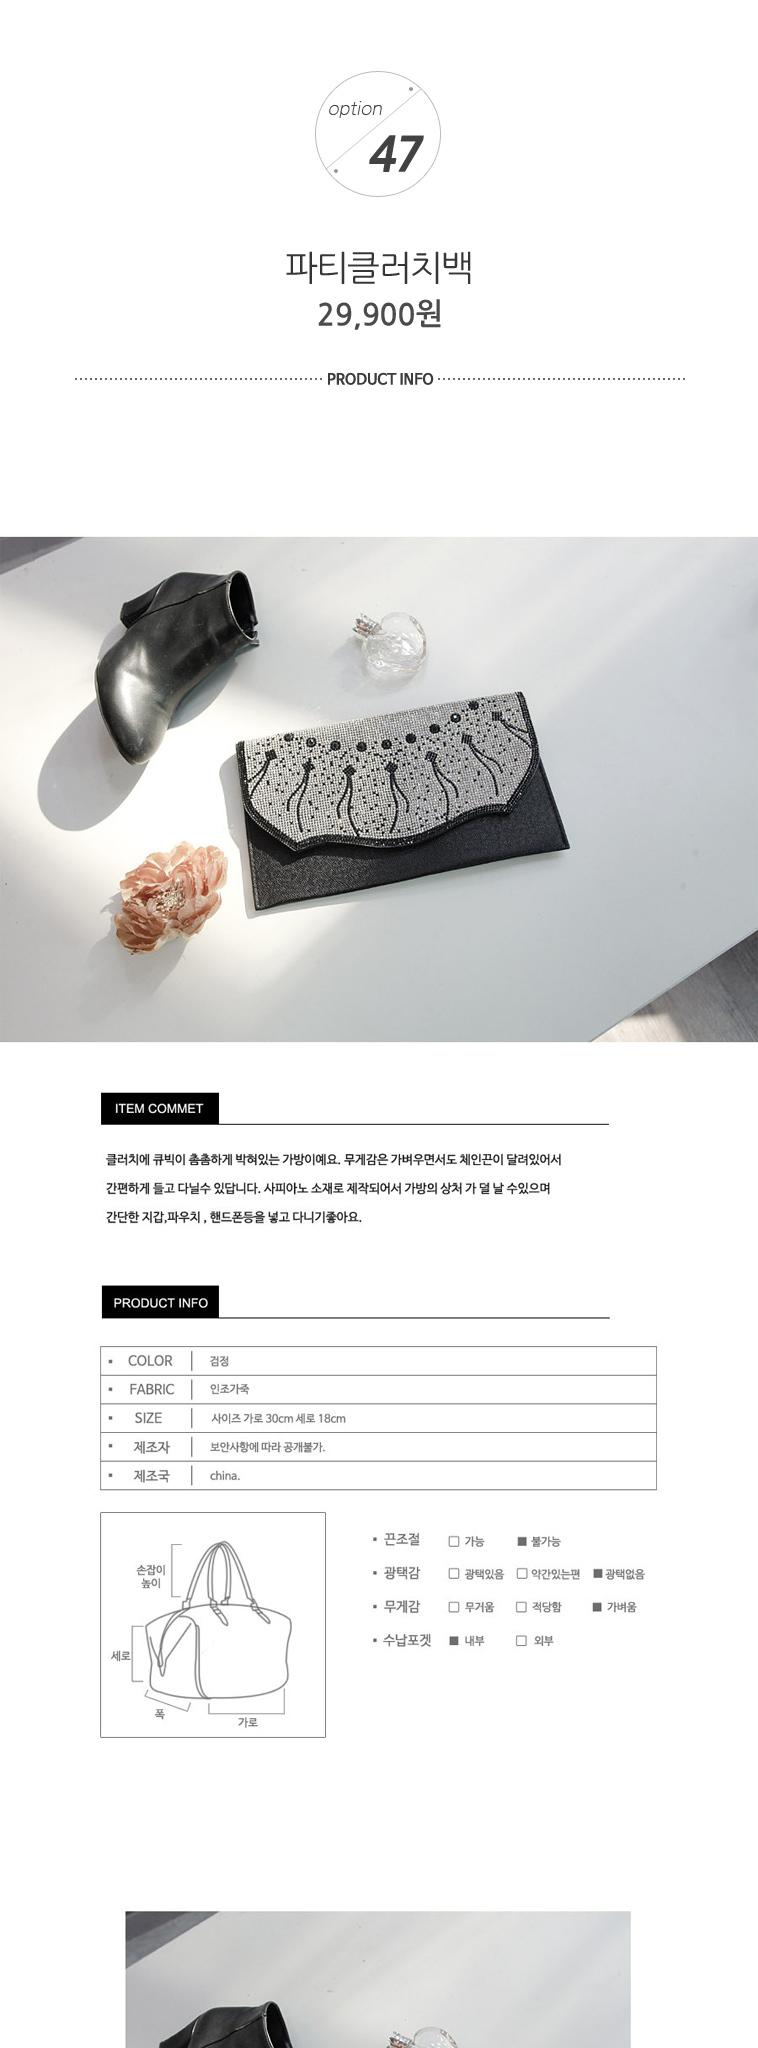 [소호백] 파리앤유 신상 여성가방 - 상세정보